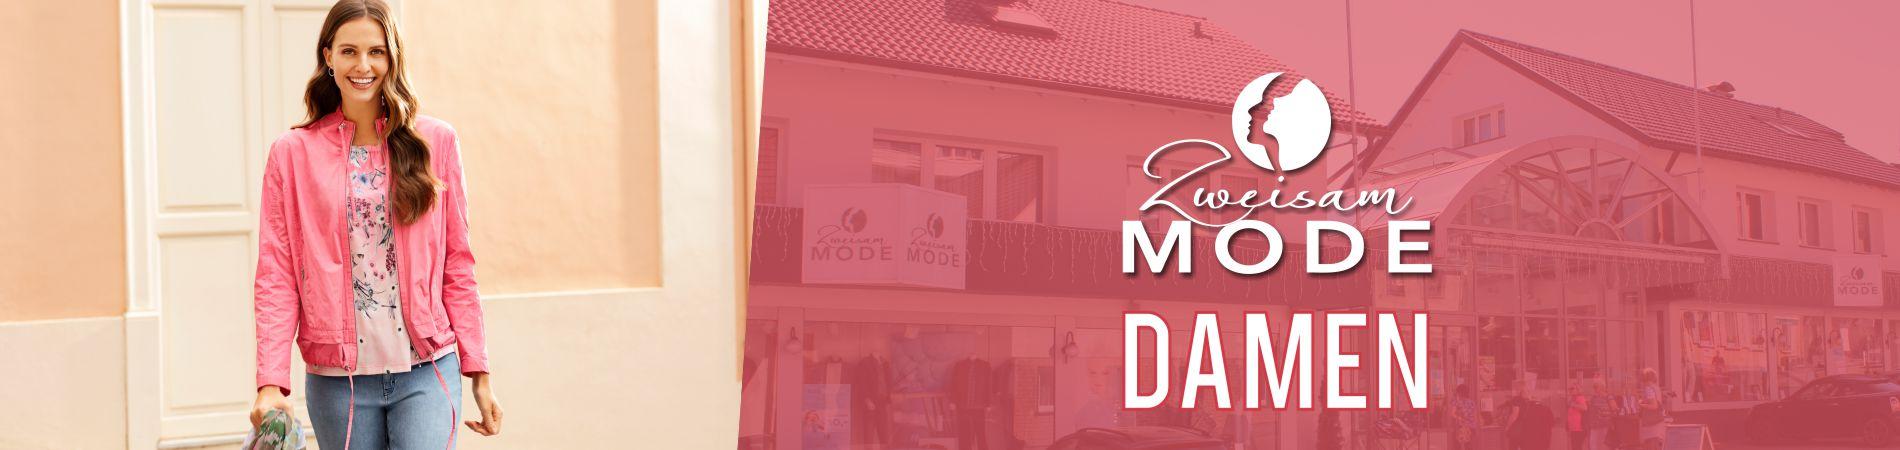 Zweisam modehaus Herren mode Schonach im Schwarzwald Kategorien banner